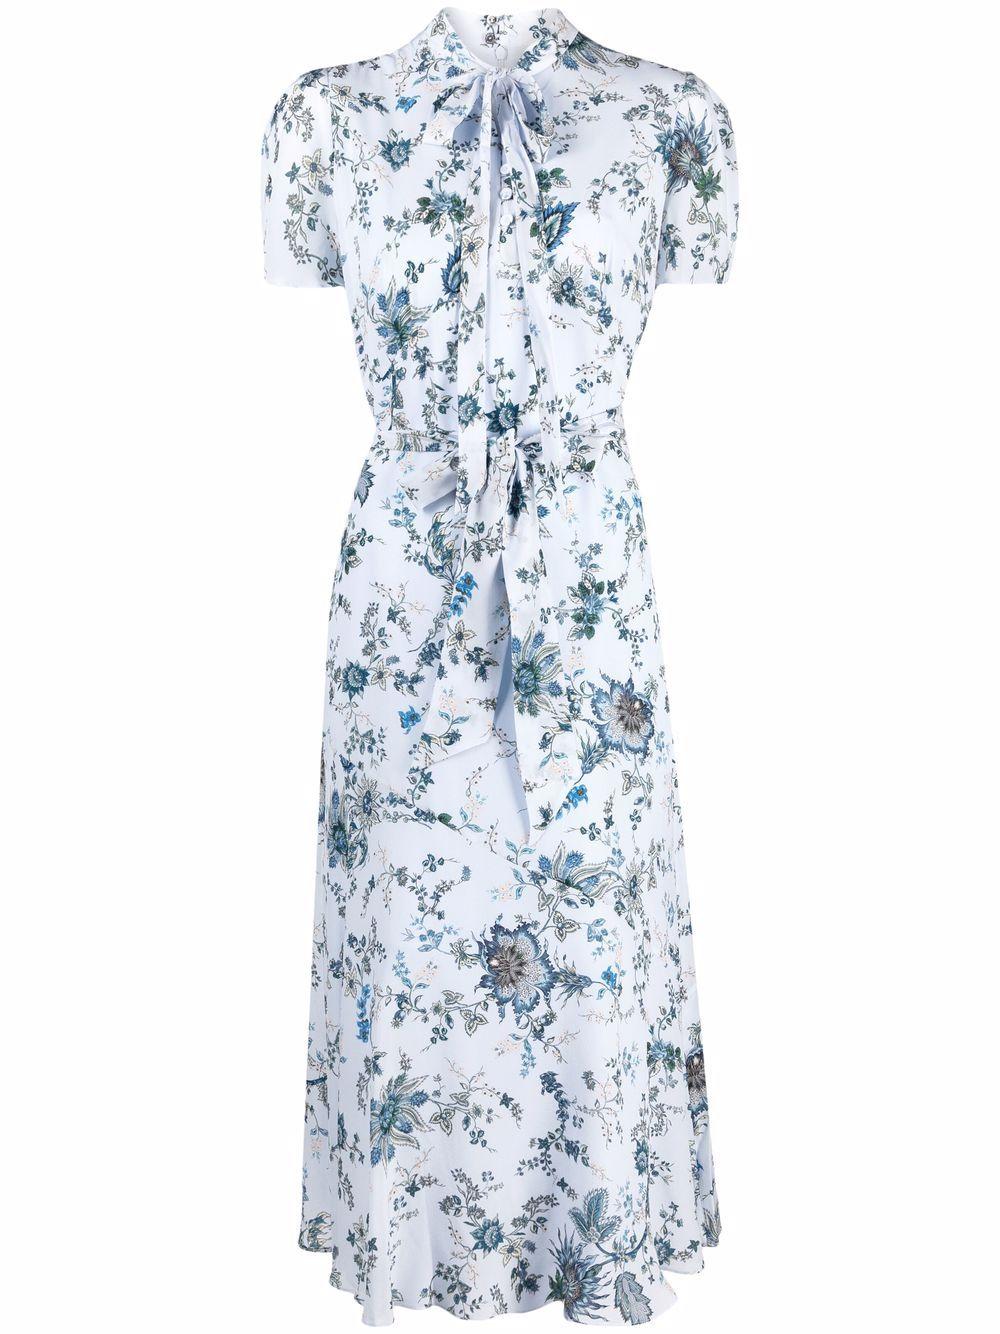 ERDEM   Dress   21478HVMCSKY/BLUE